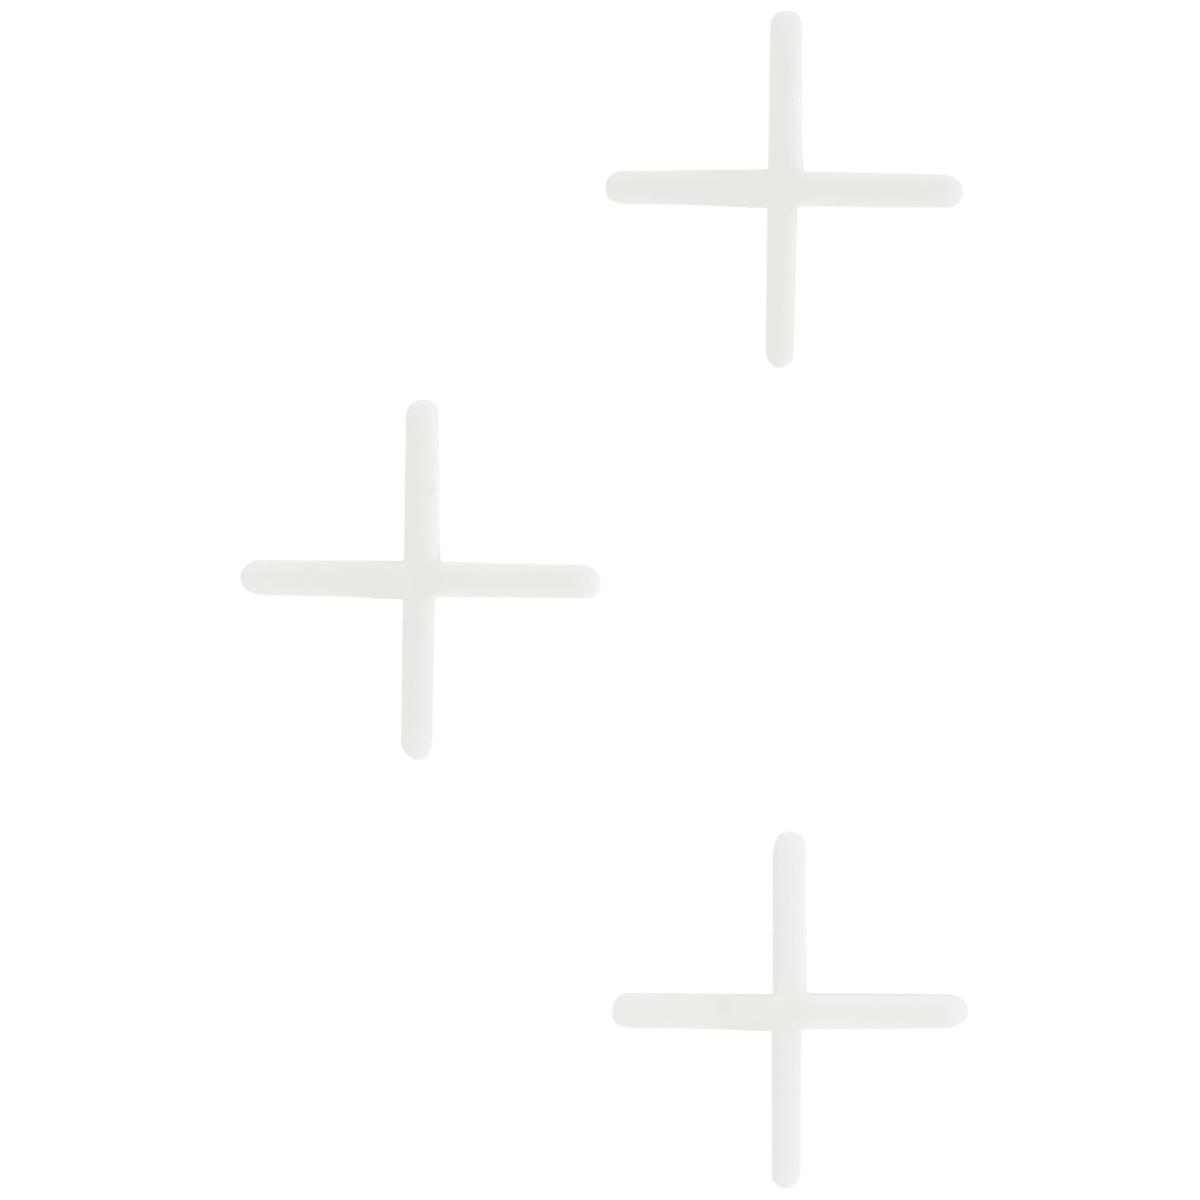 Крестики для кафельной плитки 2 мм, 200 шт.